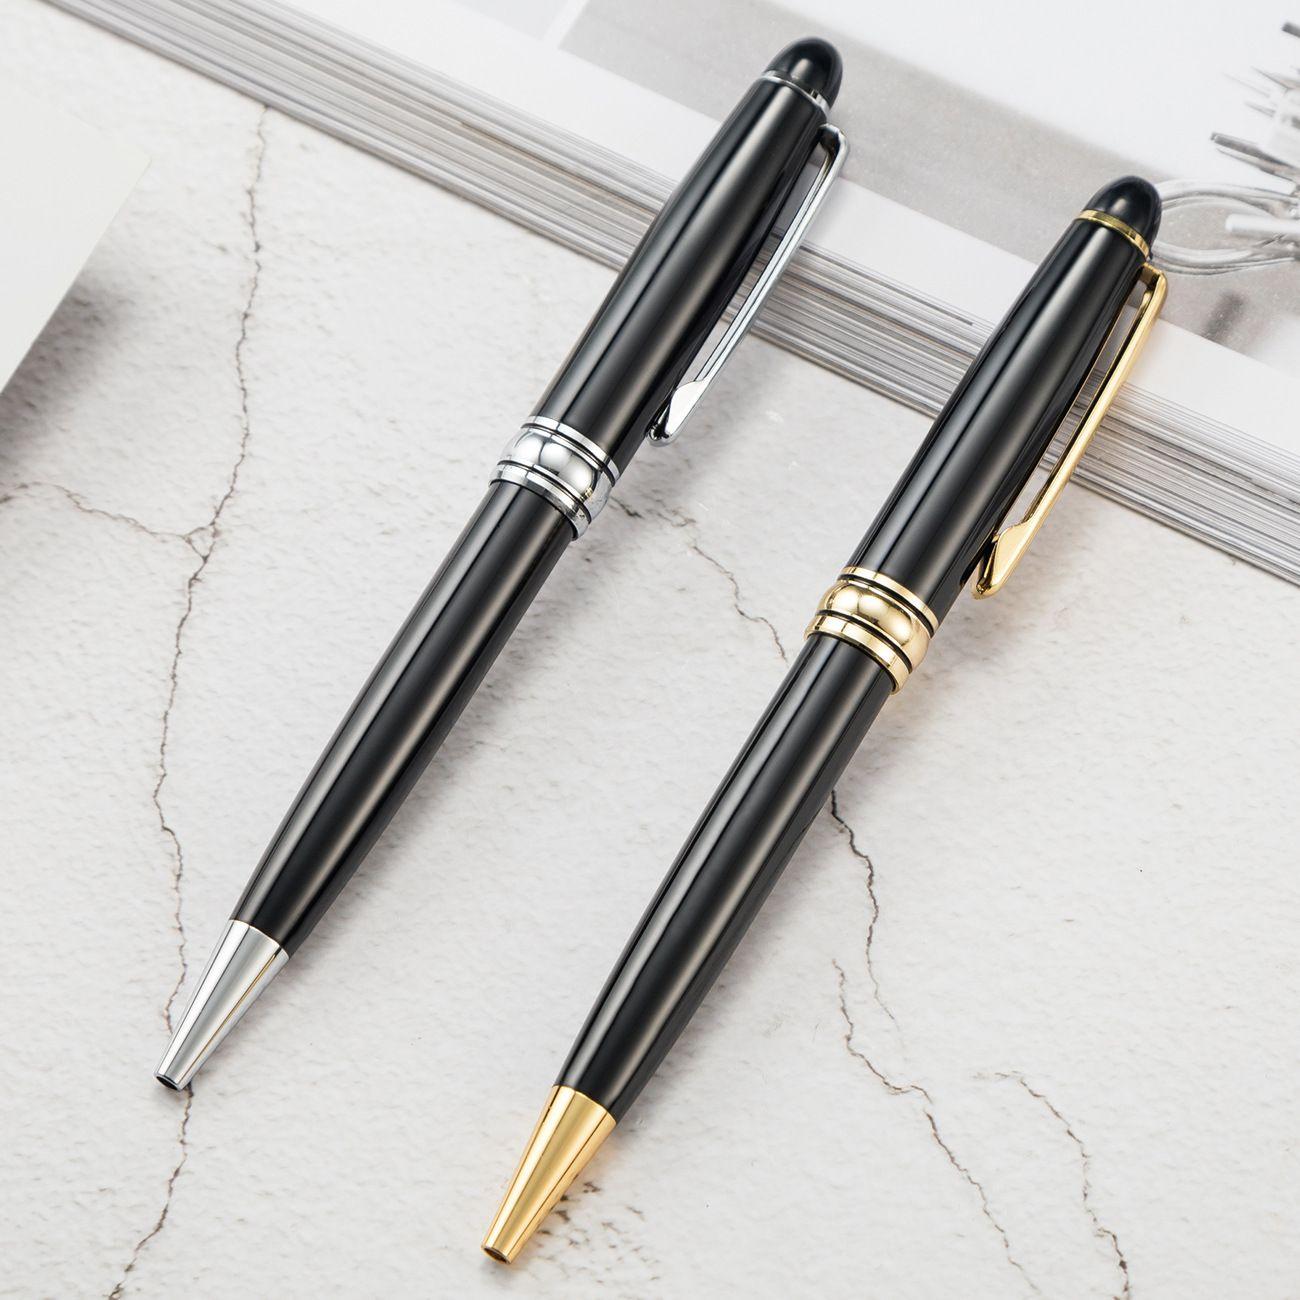 الأعمال القلم الذهب والفضة التوقيع المعادن القلم مدرسة طالب مدرس الكتابة هدية مكتب الكتابة هدية